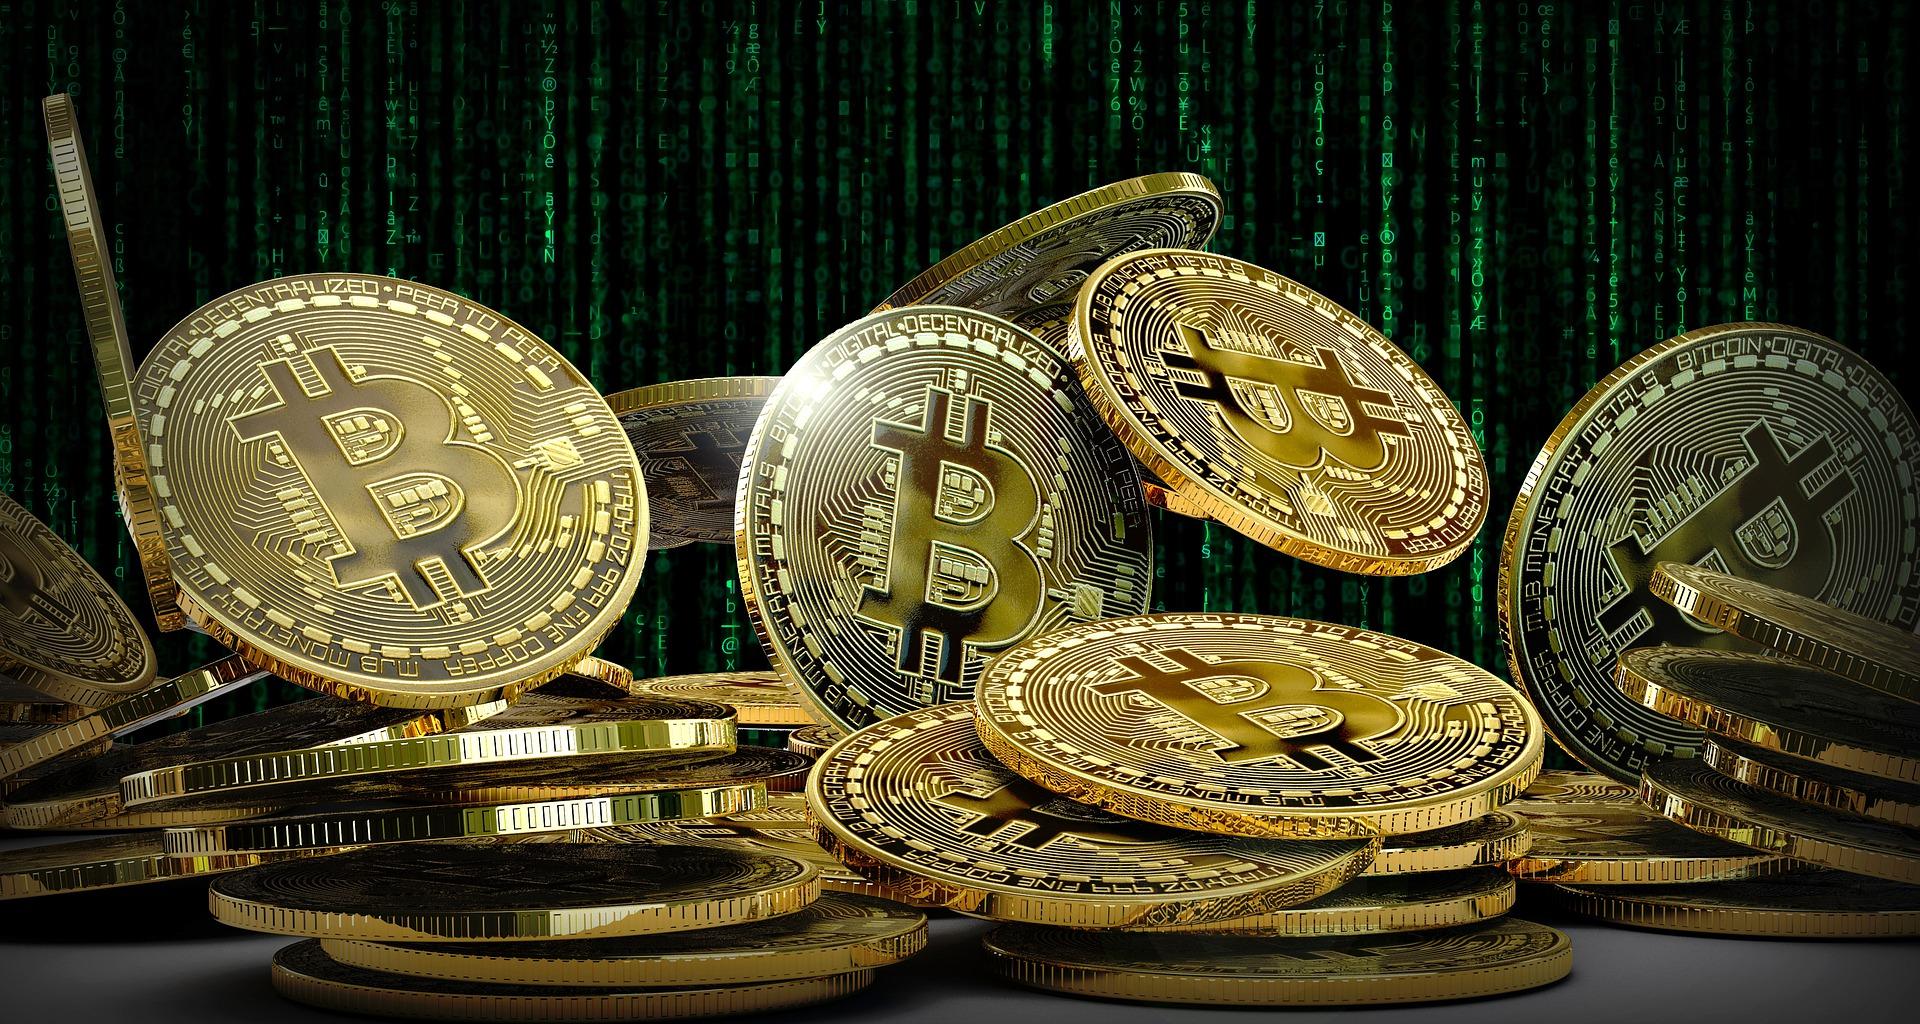 De kenmerken van digitale valuta